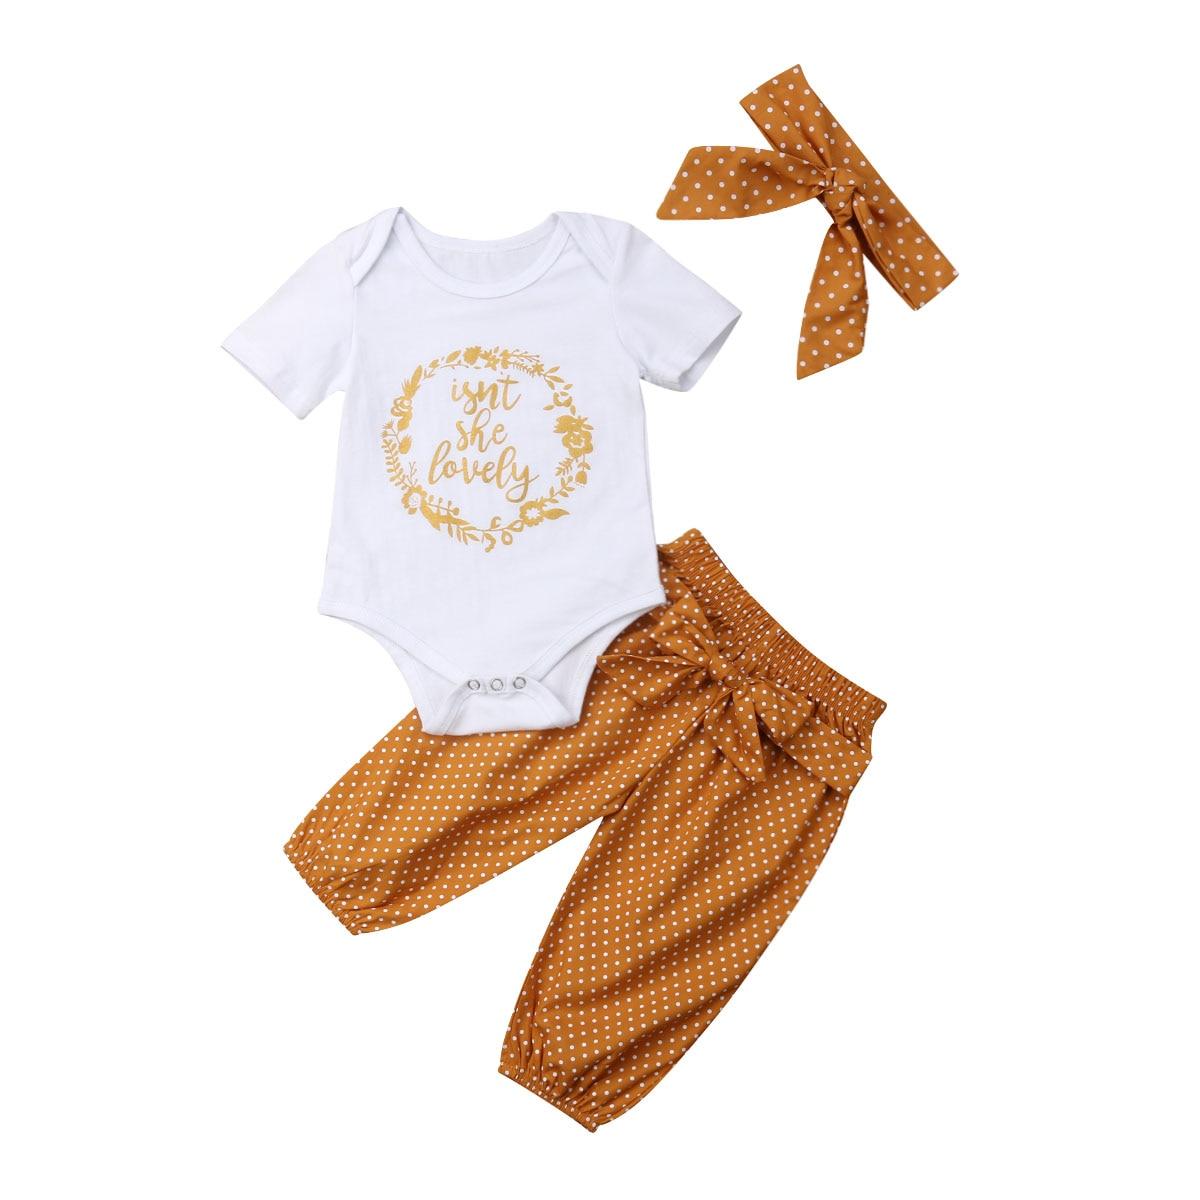 0-18 M Neugeborenen Baby Junge Mädchen Kurzarm Baumwolle Body Tops Dot Lange Hose Hosen Stirnband 3 Pcs Outfits Sommer Kleidung Set Einfach Zu Verwenden